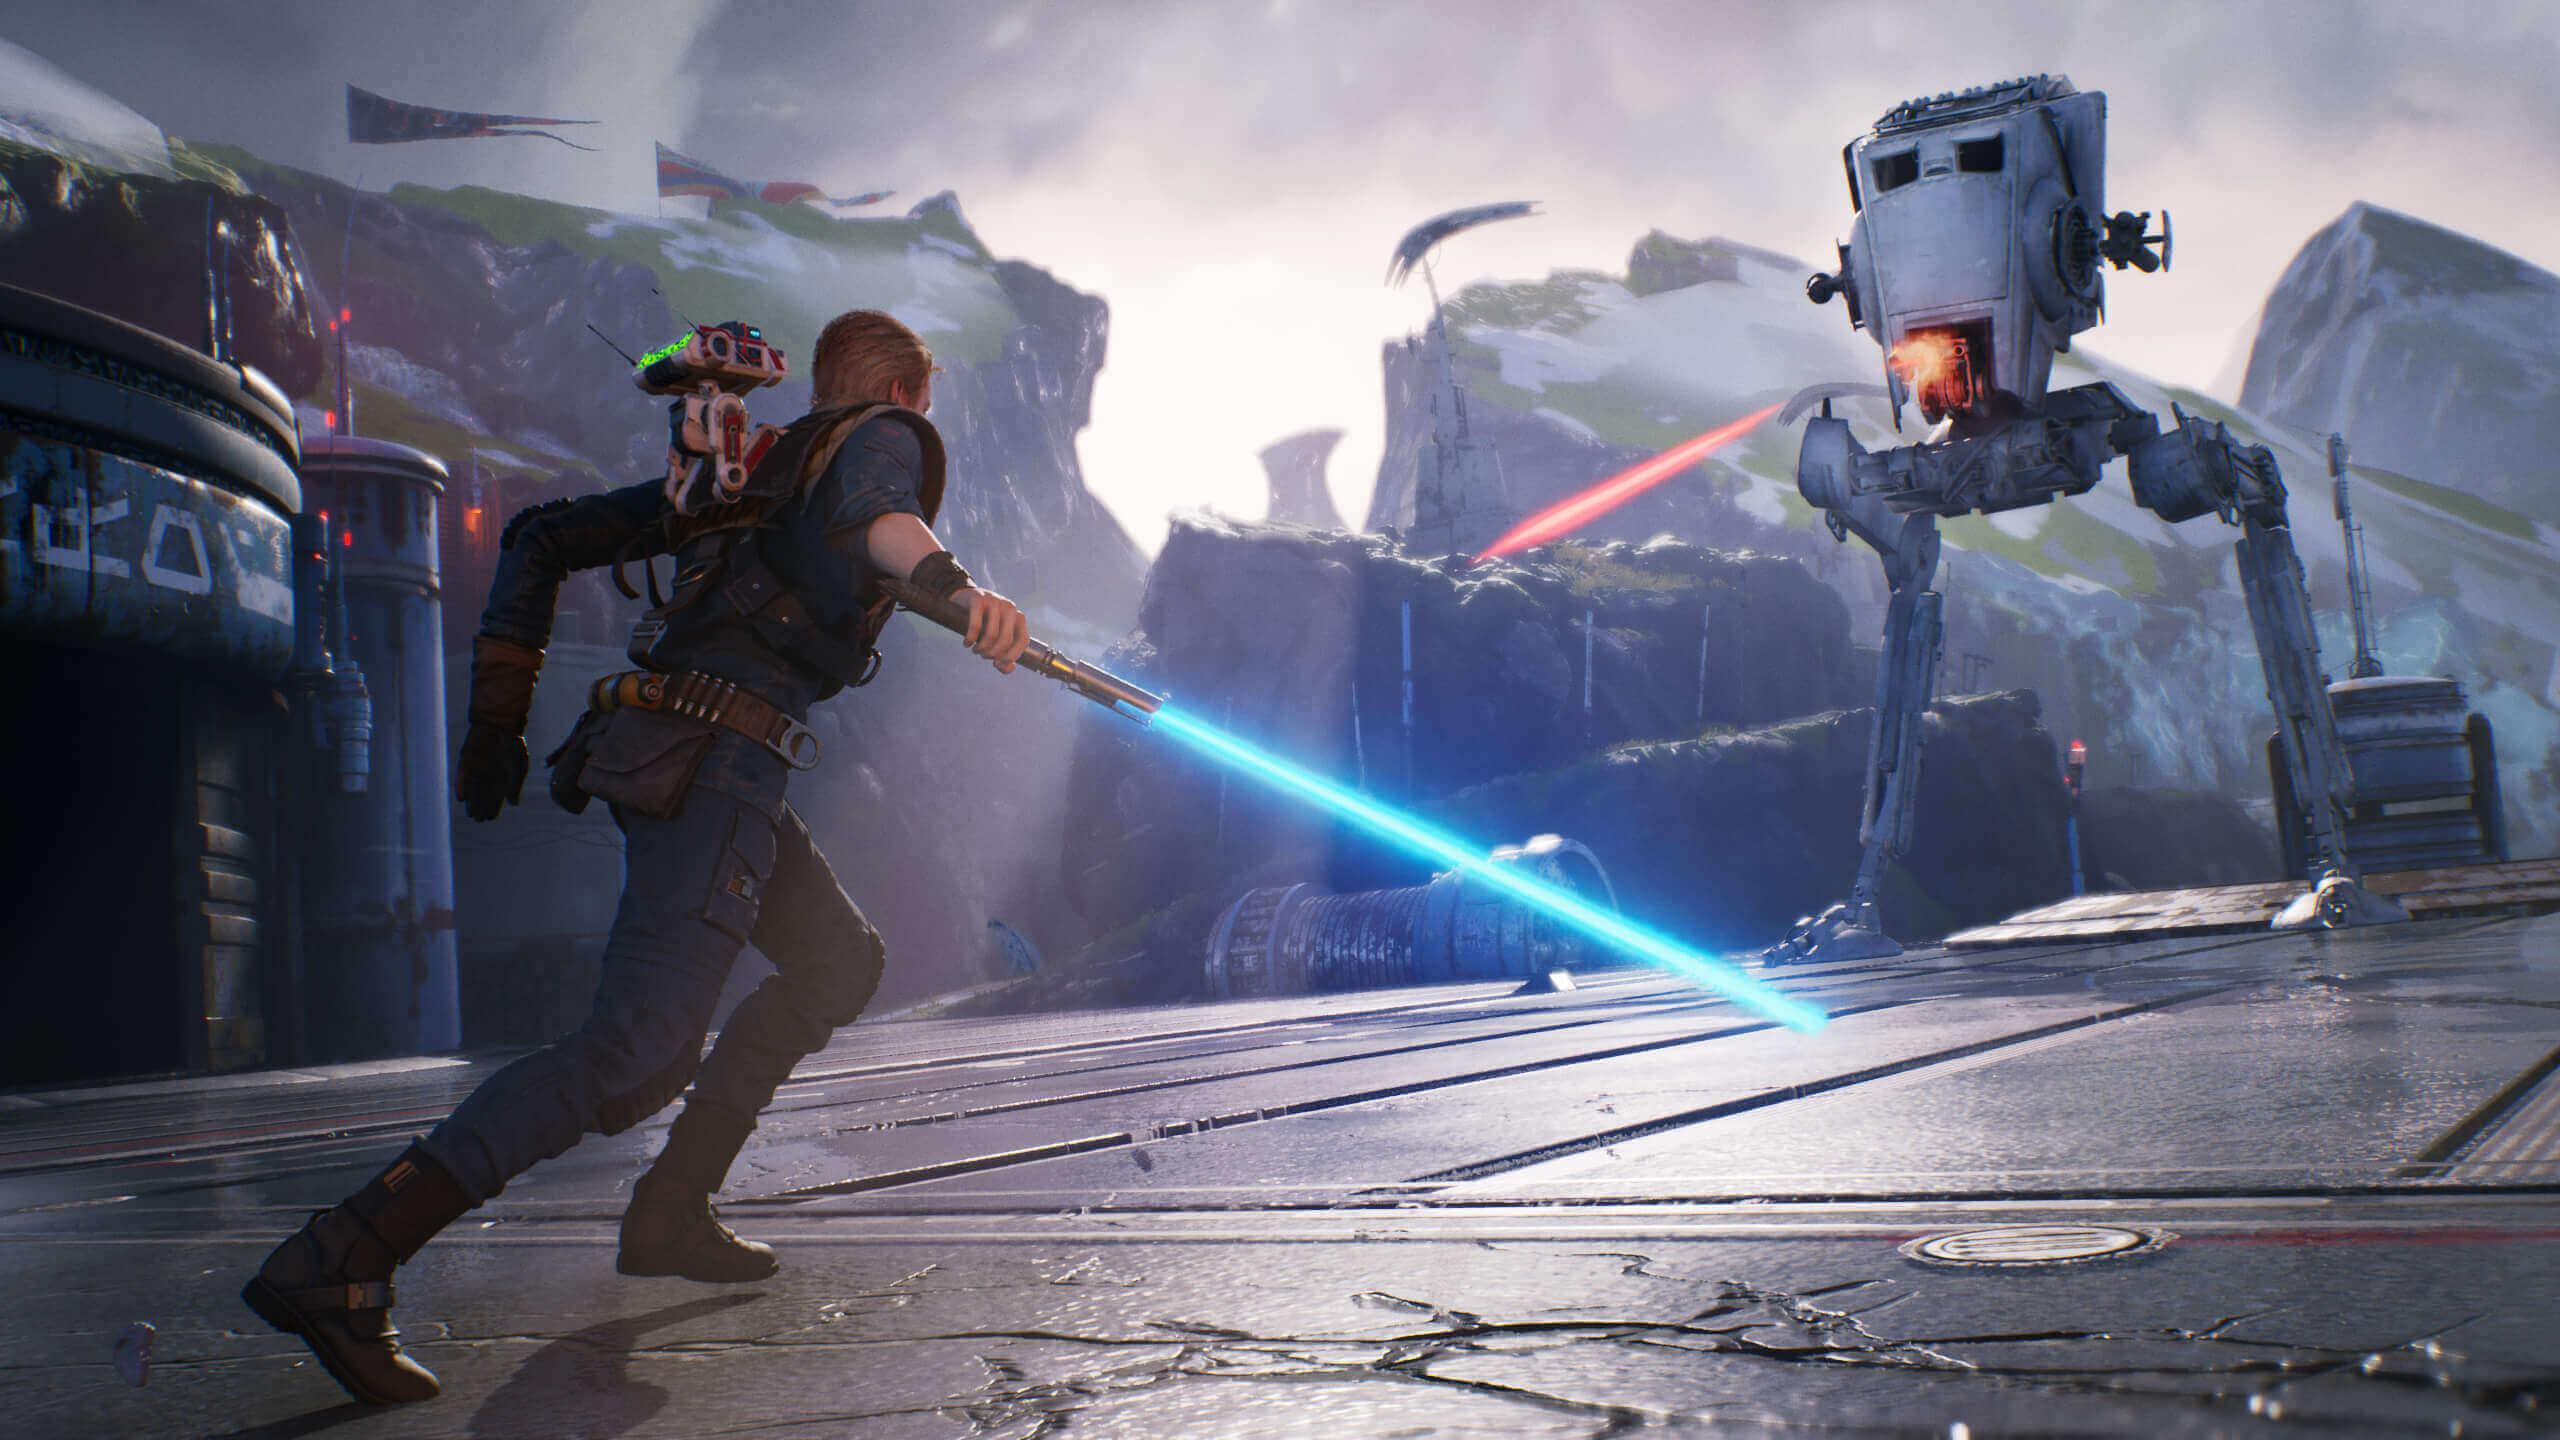 Star Wars, Melhores games de 2019, Delfos